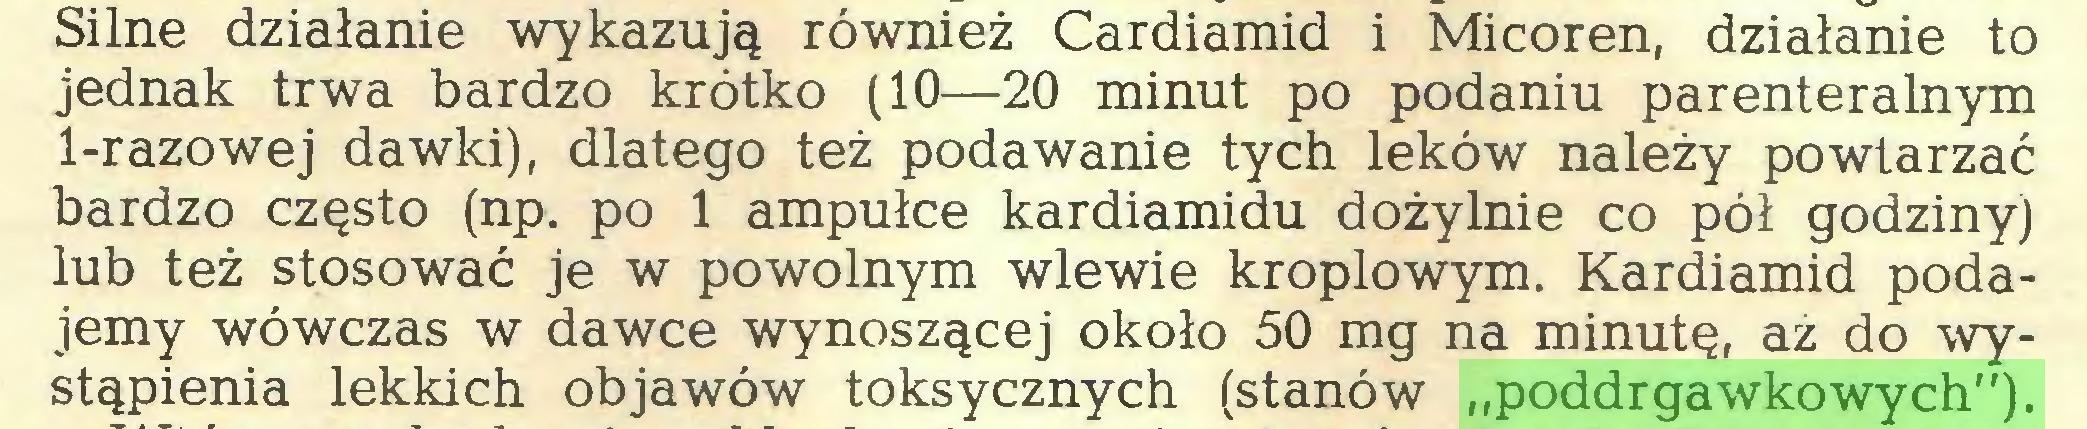 """(...) Silne działanie wykazują również Cardiamid i Micoren, działanie to jednak trwa bardzo krótko (10—20 minut po podaniu parenteralnym 1-razowej dawki), dlatego też podawanie tych leków należy powtarzać bardzo często (np. po 1 ampułce kardiamidu dożylnie co pół godziny) lub też stosować je w powolnym wlewie kroplowym. Kardiamid podajemy wówczas w dawce wynoszącej około 50 mg na minutę, az do wystąpienia lekkich objawów toksycznych (stanów """"poddrgawkowych"""")..."""